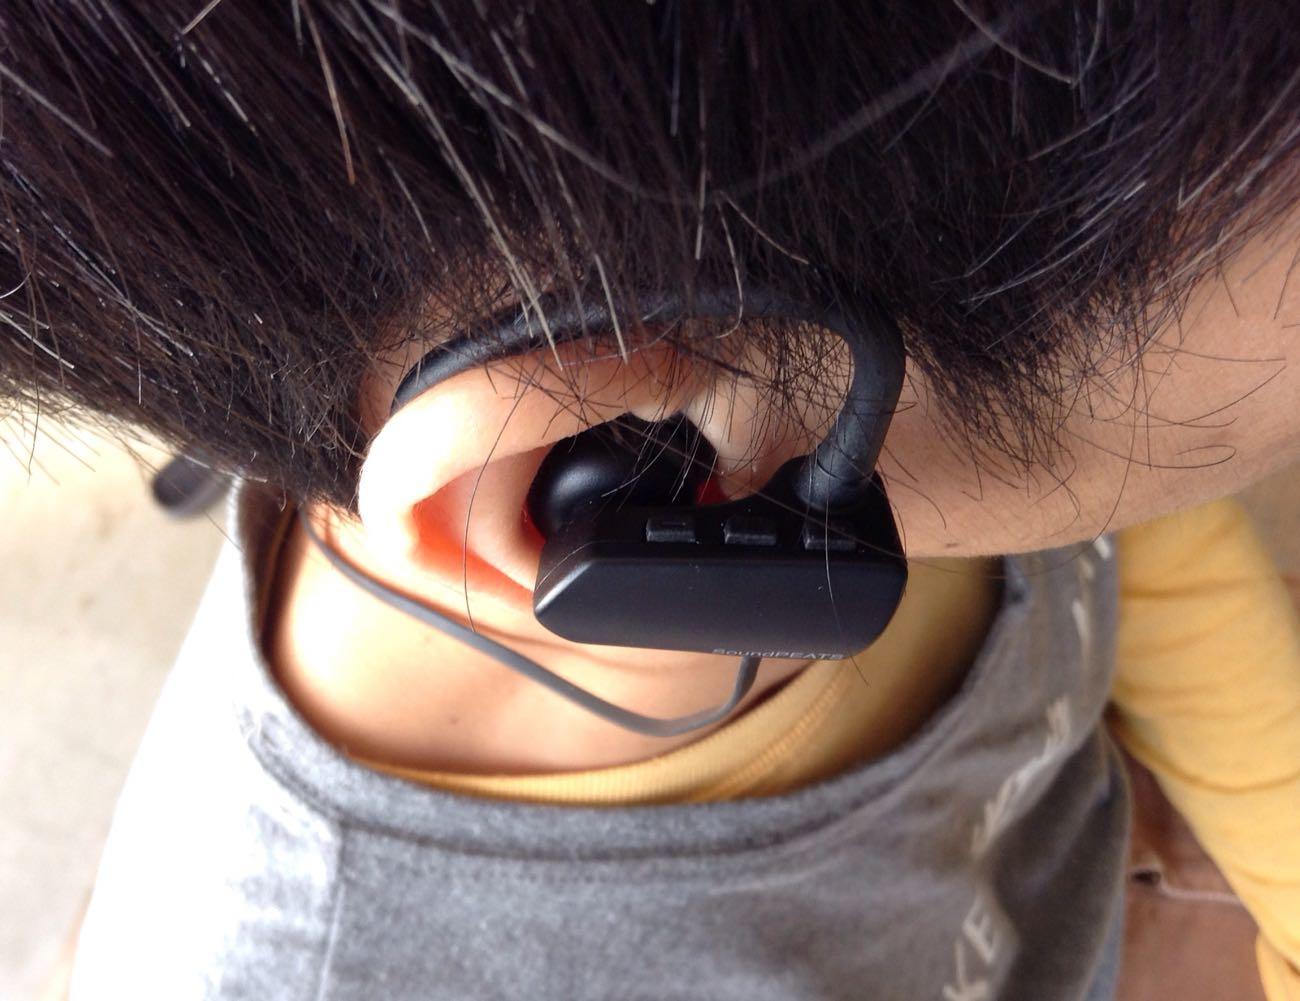 右耳側にリモコンが3つ。【 1 】音量を小さく/前のトラック 【 2 】メインボタン 【 3 】音量を大きく/次のトラック